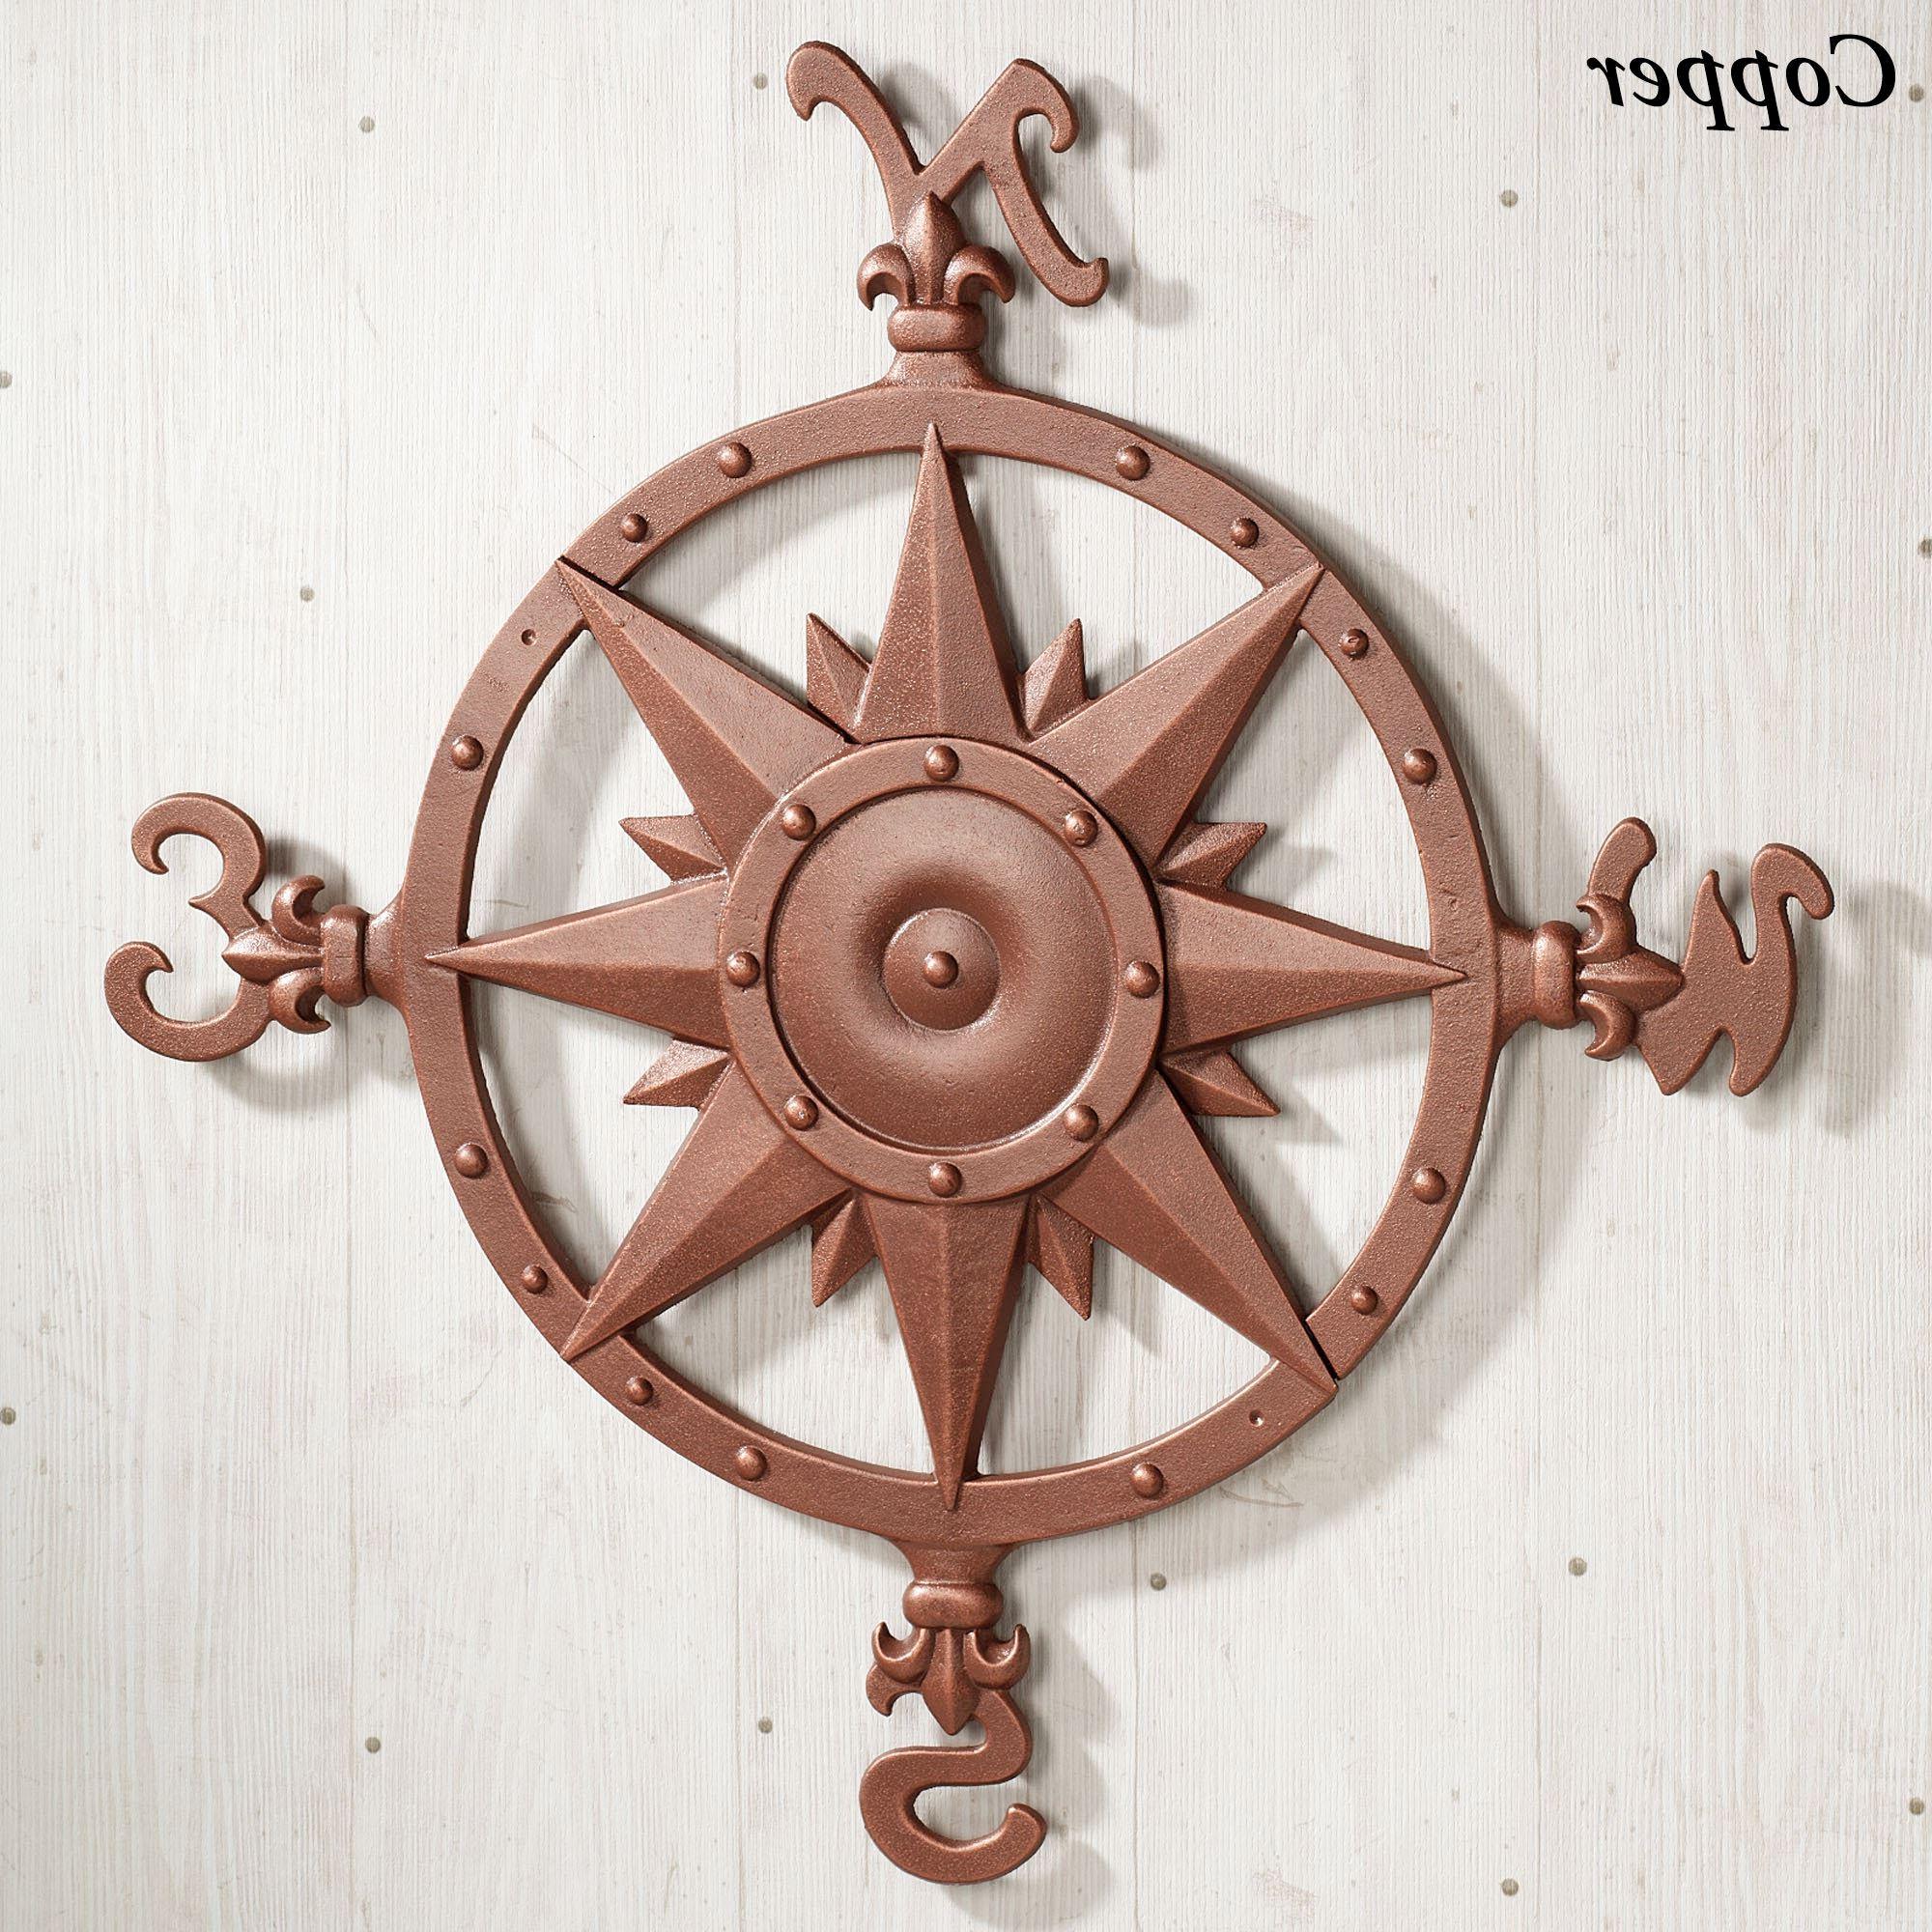 Outdoor Metal Wall Compass Regarding Trendy Indoor Outdoor Nautical Compass Metal Wall Art (View 13 of 20)